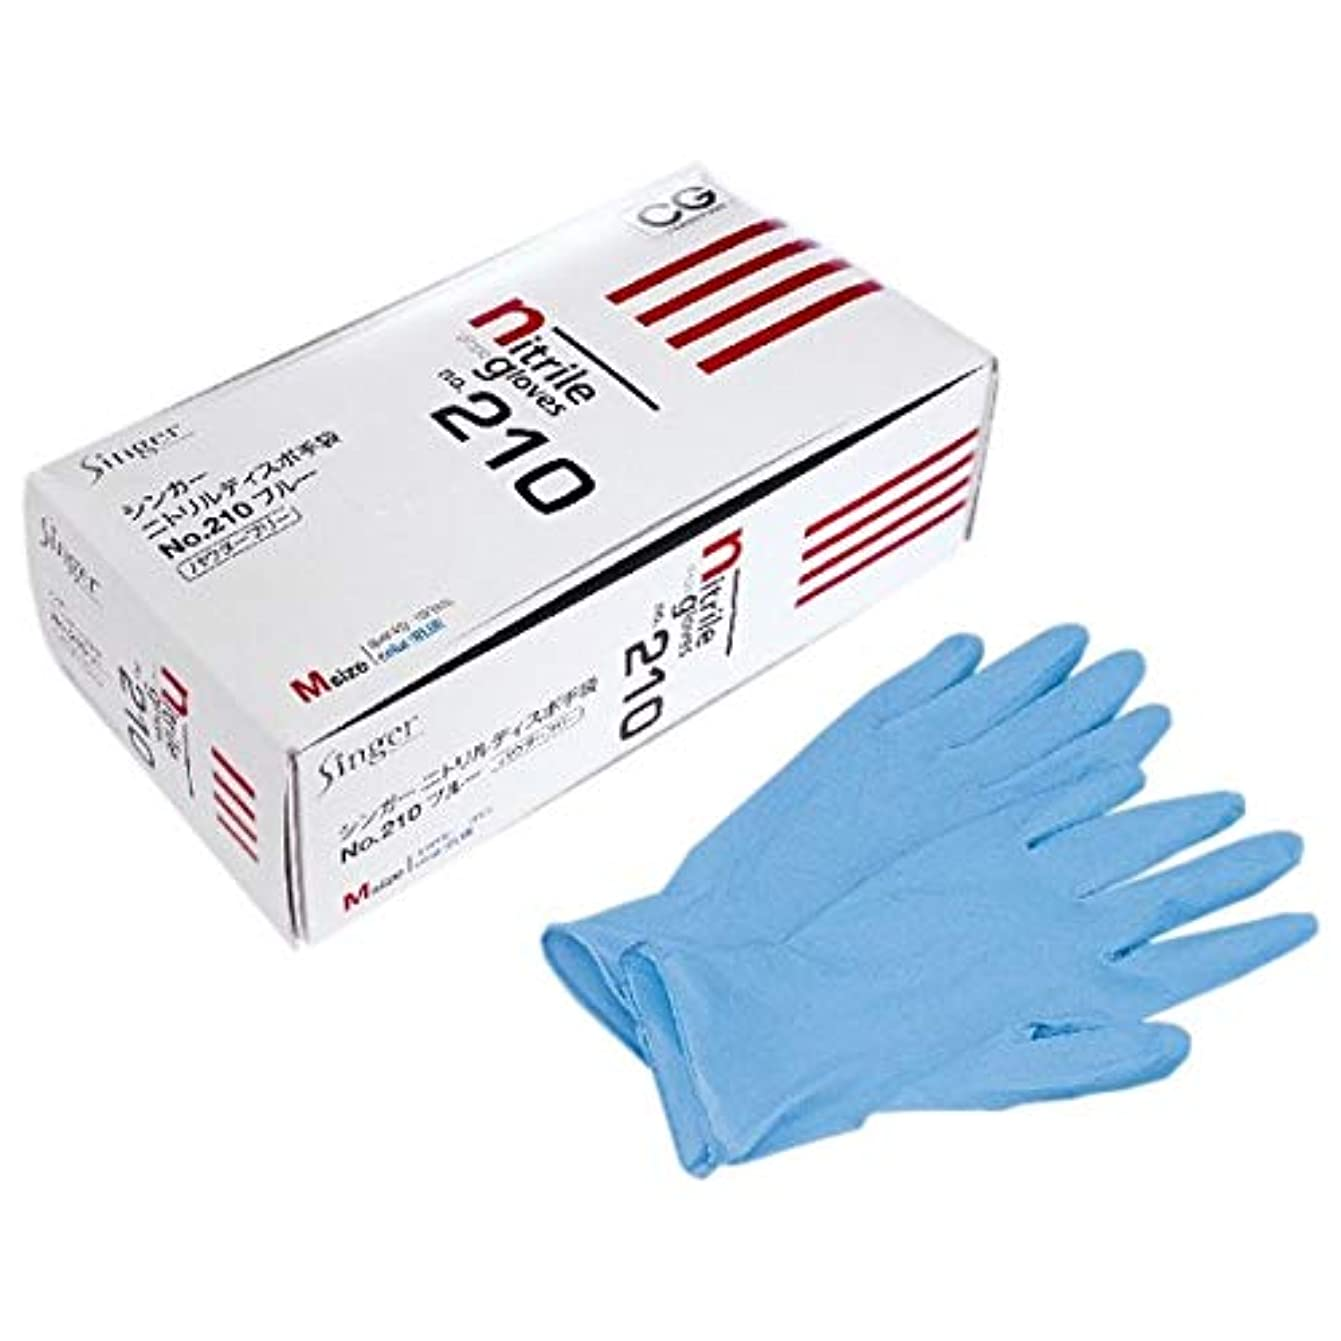 シンガーニトリルディスポ手袋 No.210 青 パウダーフリー Mサイズ 100枚×20箱入